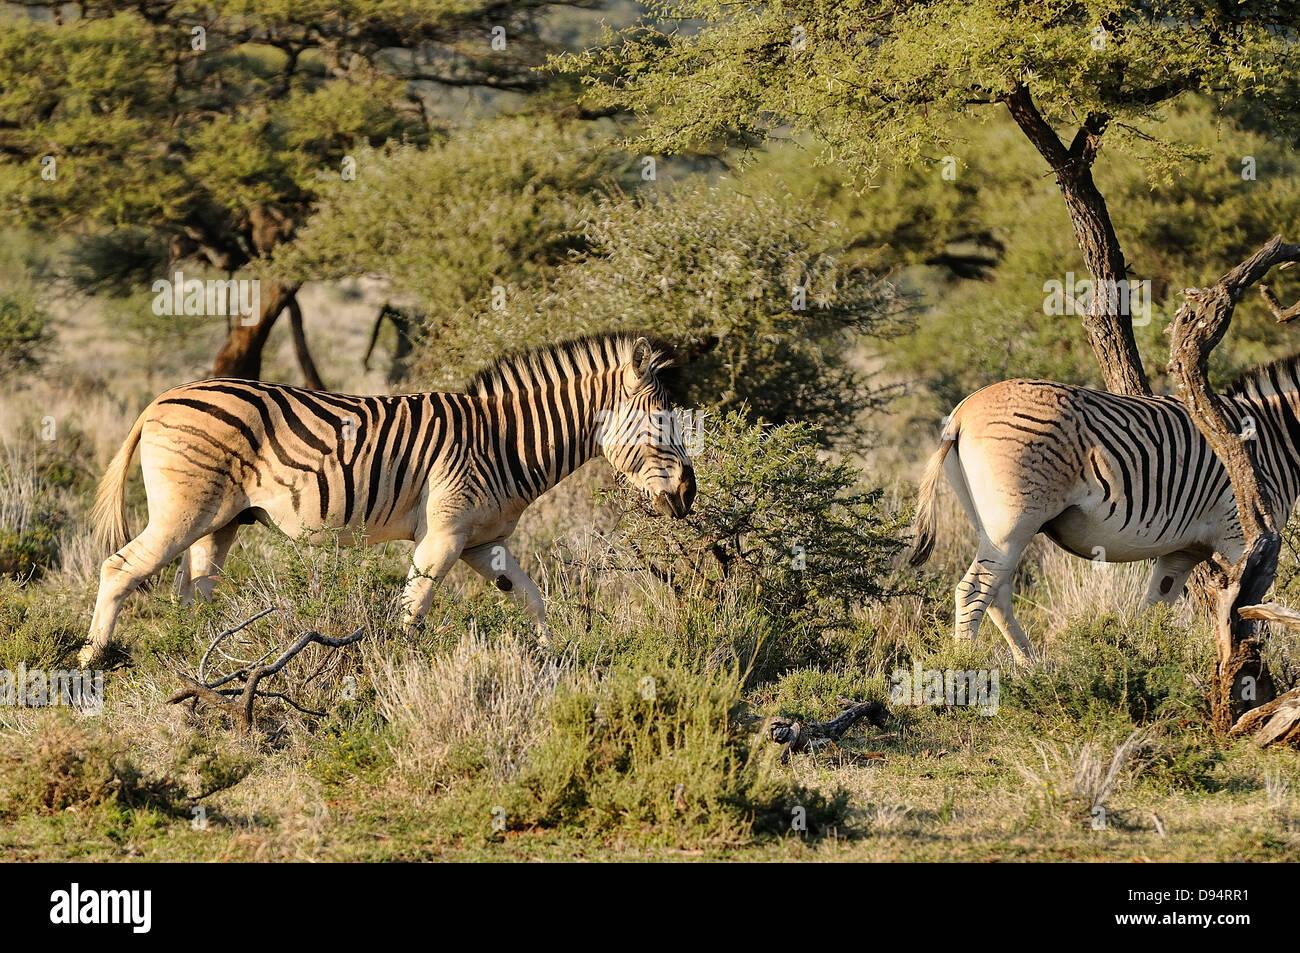 quagga, equus quagga quagga. example of animals in 'breeding back